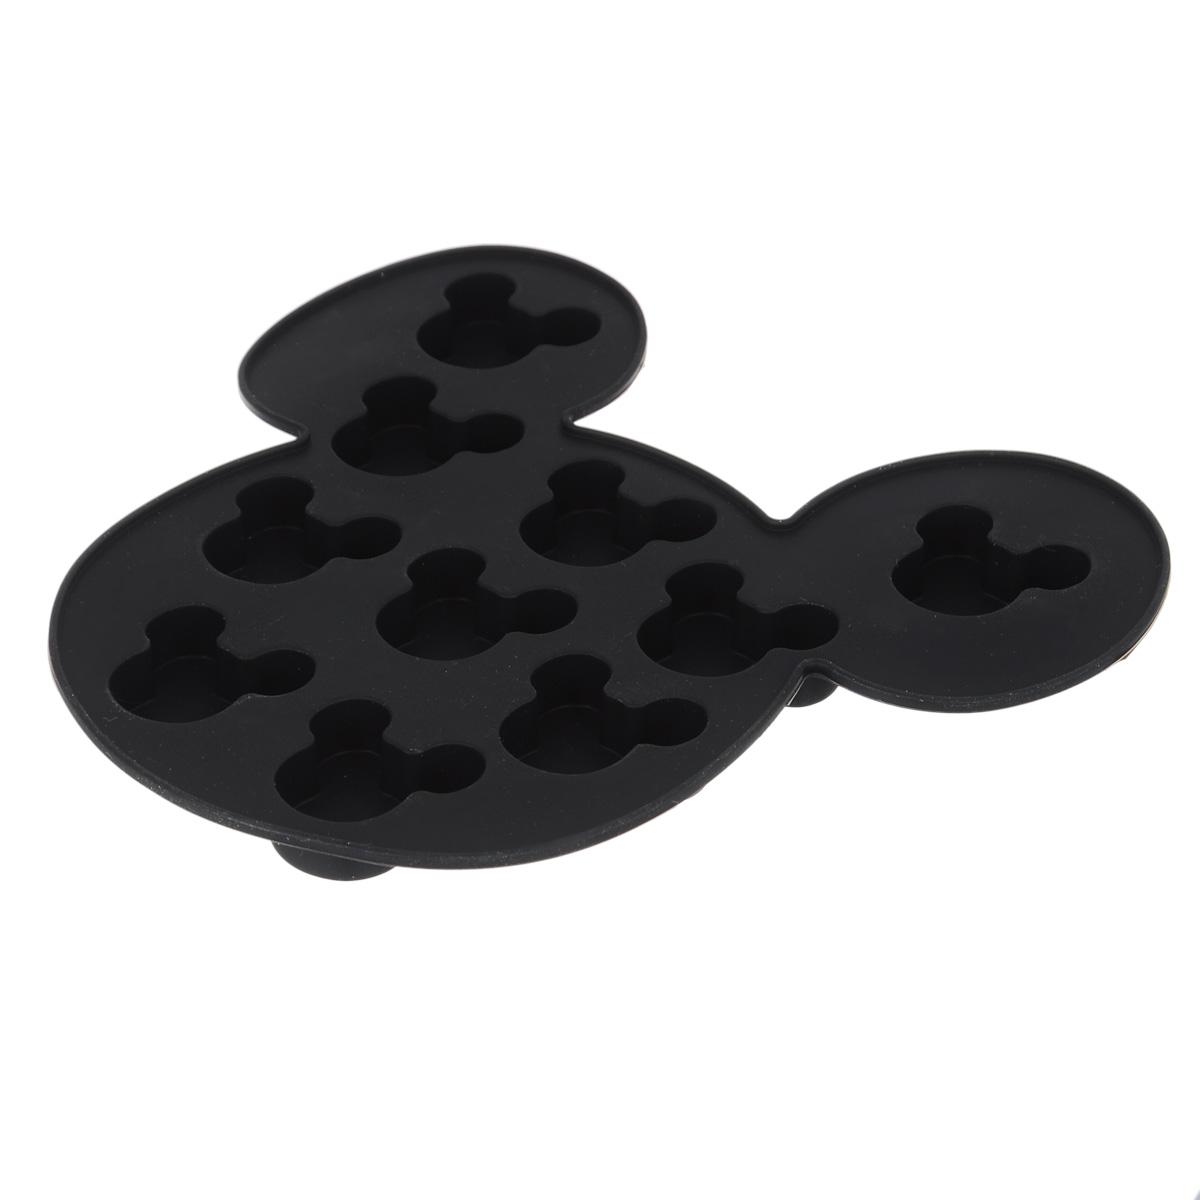 Форма для льда Disney Микки Маус, цвет: черный, 10 ячеек61132Форма Disney Микки Маус выполнена из высококачественного пищевого силикона и предназначена для изготовления шоколада, конфет, мармелада, желе, льда и выпечки. На одном листе расположено 10 ячеек в виде мордочек Микки Мауса. Благодаря тому, что форма изготовлена из силикона, готовый десерт вынимать легко и просто. Силиконовые формы выдерживают высокие и низкие температуры (от -40°С до +230°С). Они эластичны, износостойки, легко моются, не горят и не тлеют, не впитывают запахи, не оставляют пятен. Силикон абсолютно безвреден для здоровья. Чтобы достать льдинки, эту форму не нужно держать под теплой водой или использовать нож. Можно использовать в микроволновой печи, мыть в посудомоечной машине и хранить в холодильнике.Упаковка содержит описание рецептов ягодного льда и шоколадных конфет.Общий размер формы: 16 х 15 х 1,5 см. Количество ячеек: 10 шт.Размер ячеек: 3 х 2,5 х 1 см.